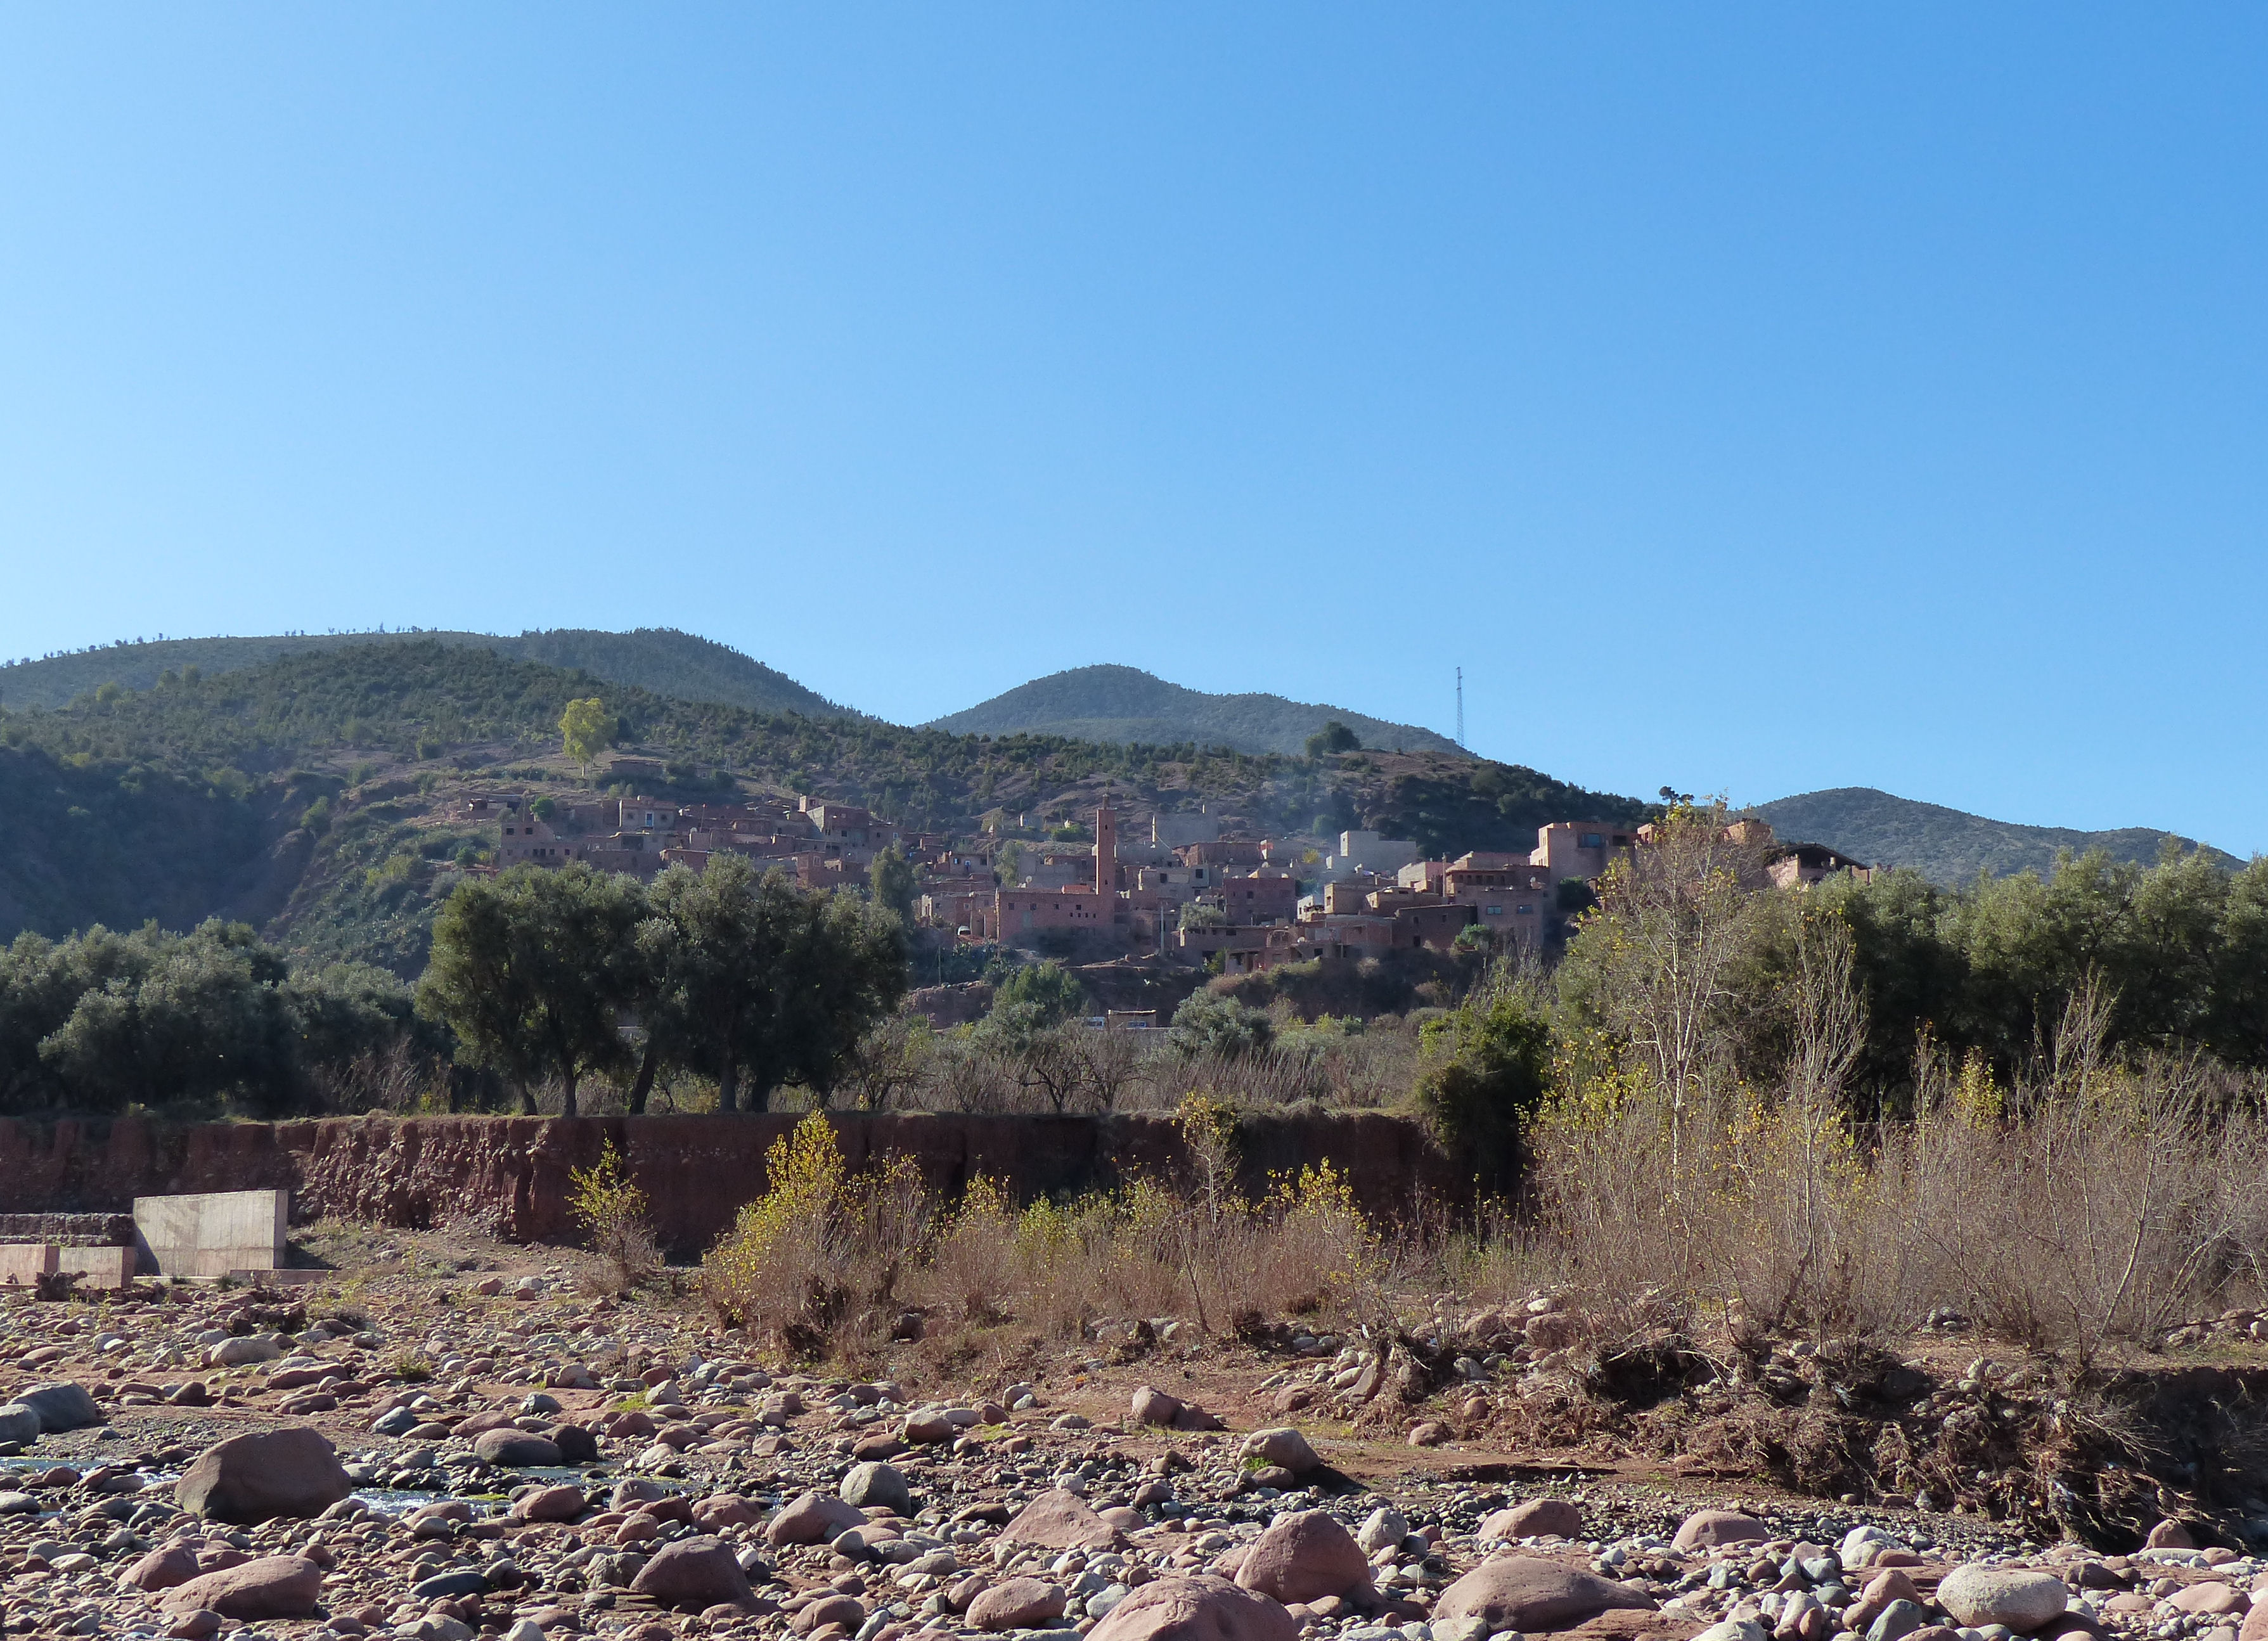 © Dipartimento di Scienze della Vita, Università di Trieste<br>by Andrea Moro<br>Prime pendici dell'Atlas di Marrakech, Marrakech, Marrakech-Tensift-El Haouz, Marocco, 29/12/2015<br>Distributed under CC-BY-SA 4.0 license.